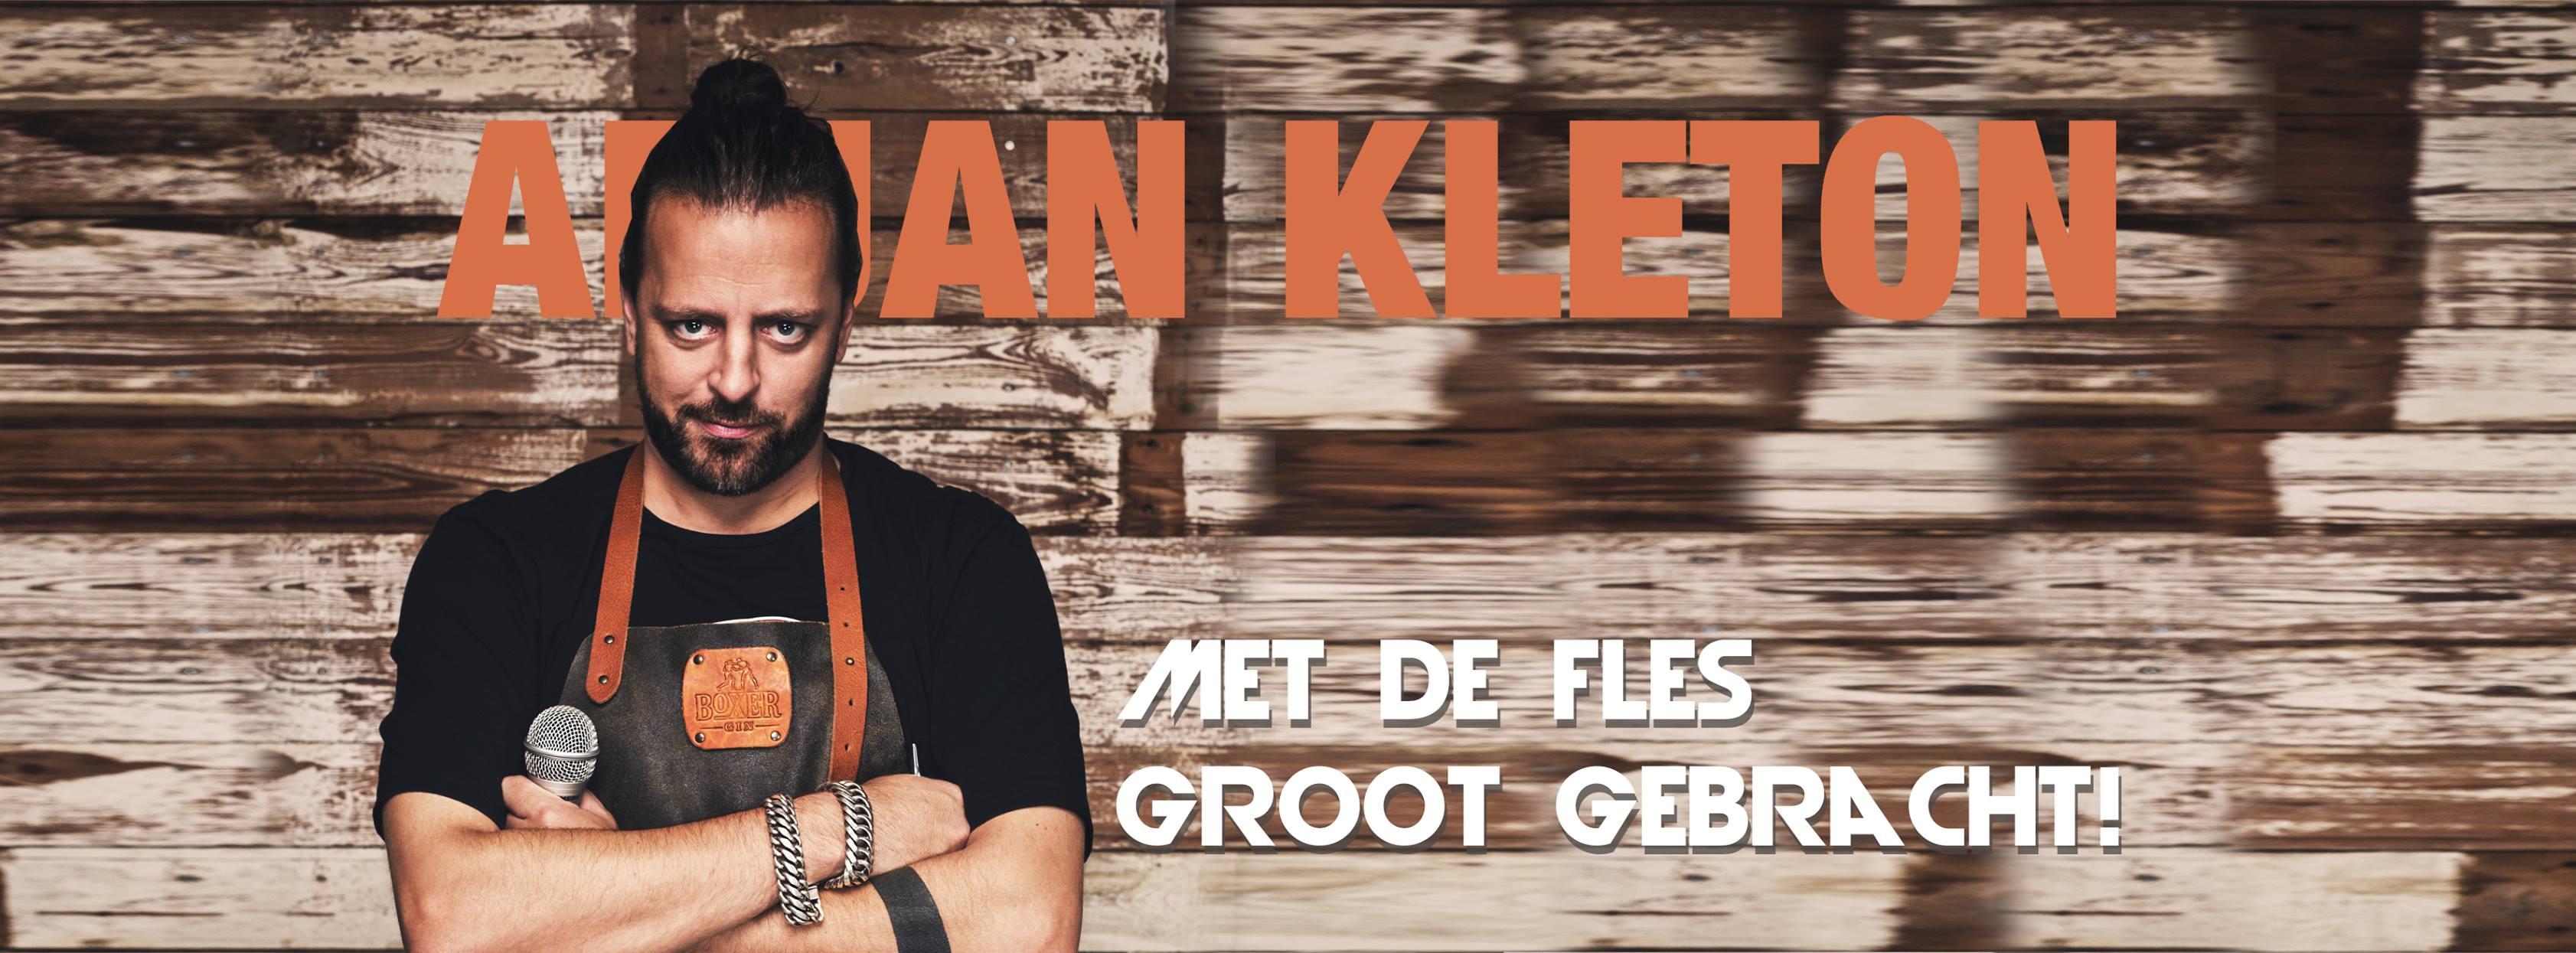 Ticket kopen voor evenement Arjan Kleton Met de fles grootgebracht (Amsterdam)